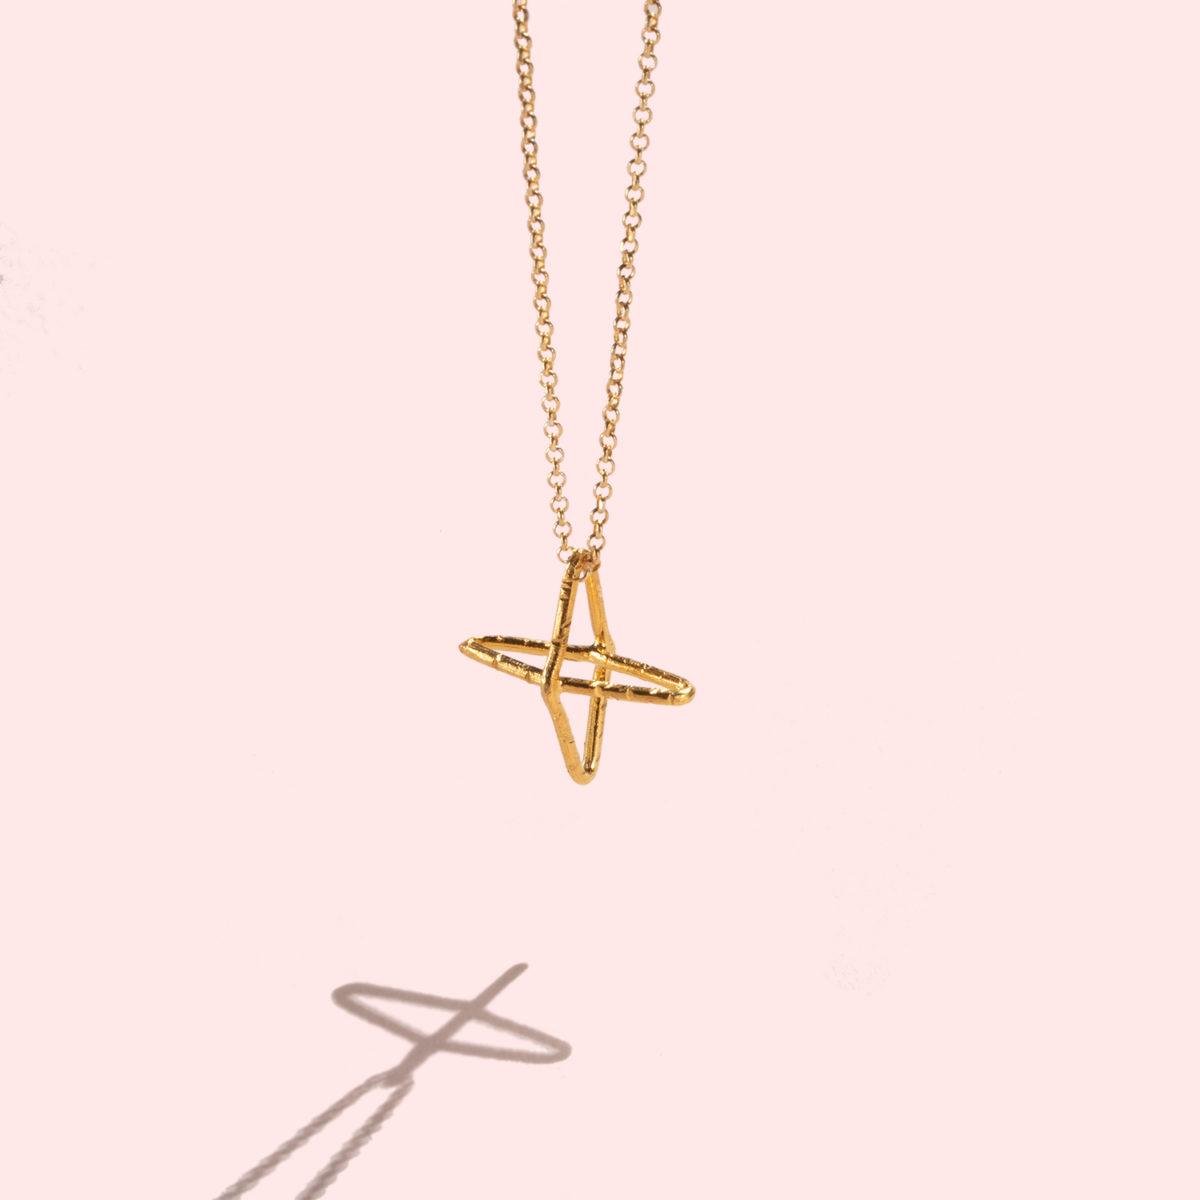 Charis-Halskette-Kreuz-Anhaenger-gold